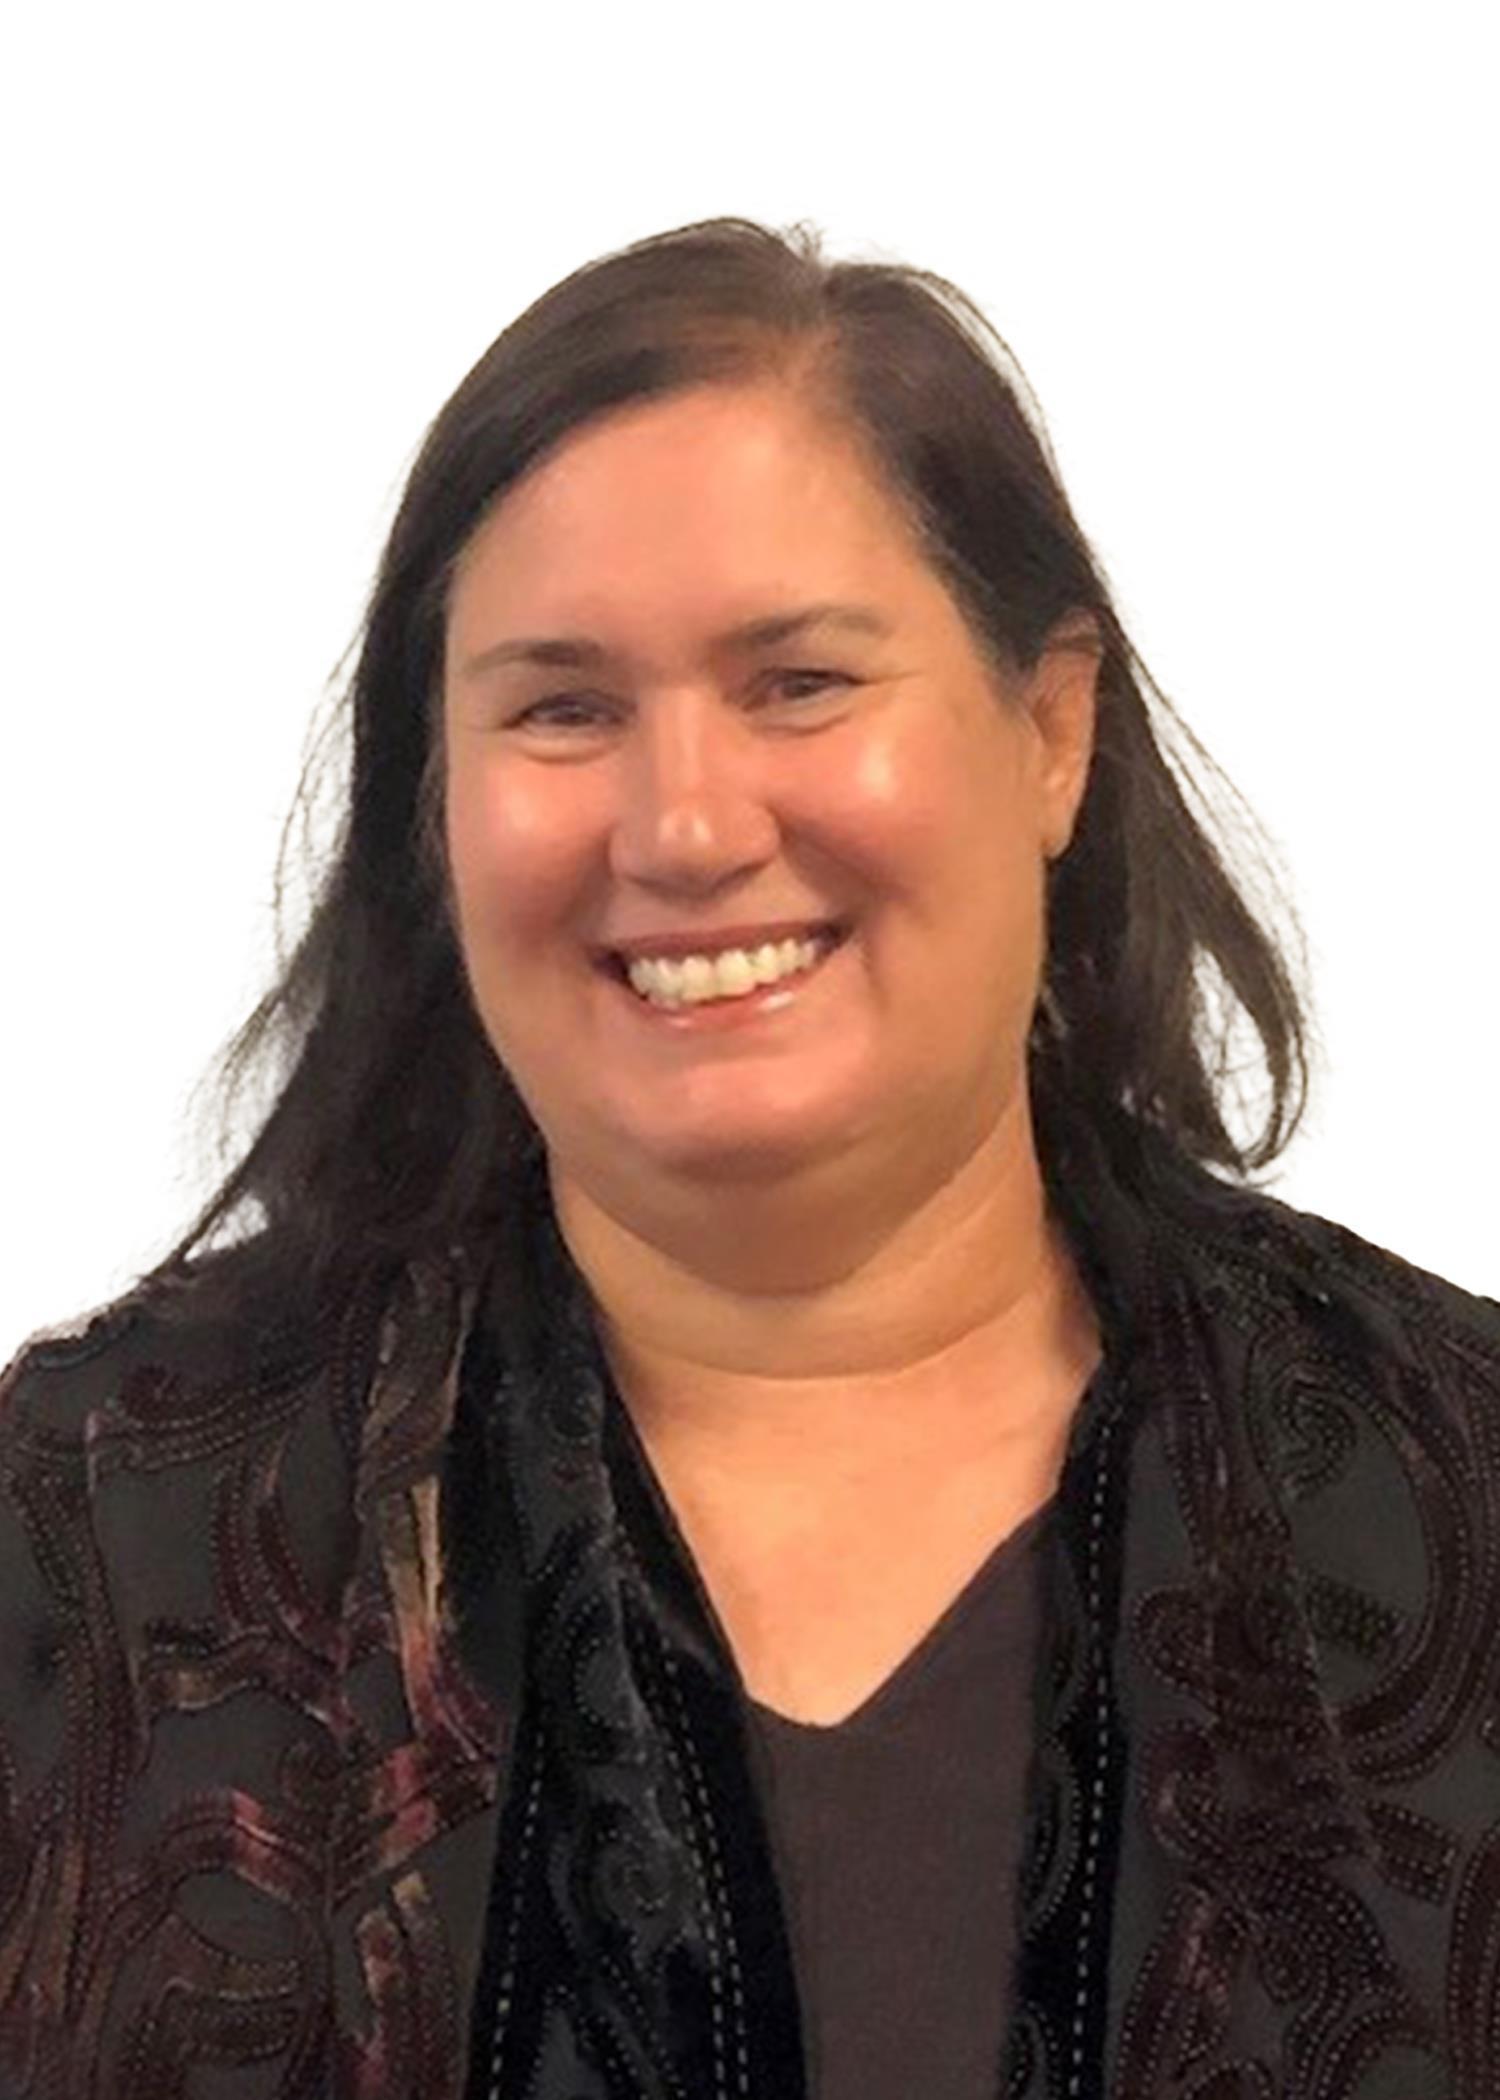 Noelle Brunelle